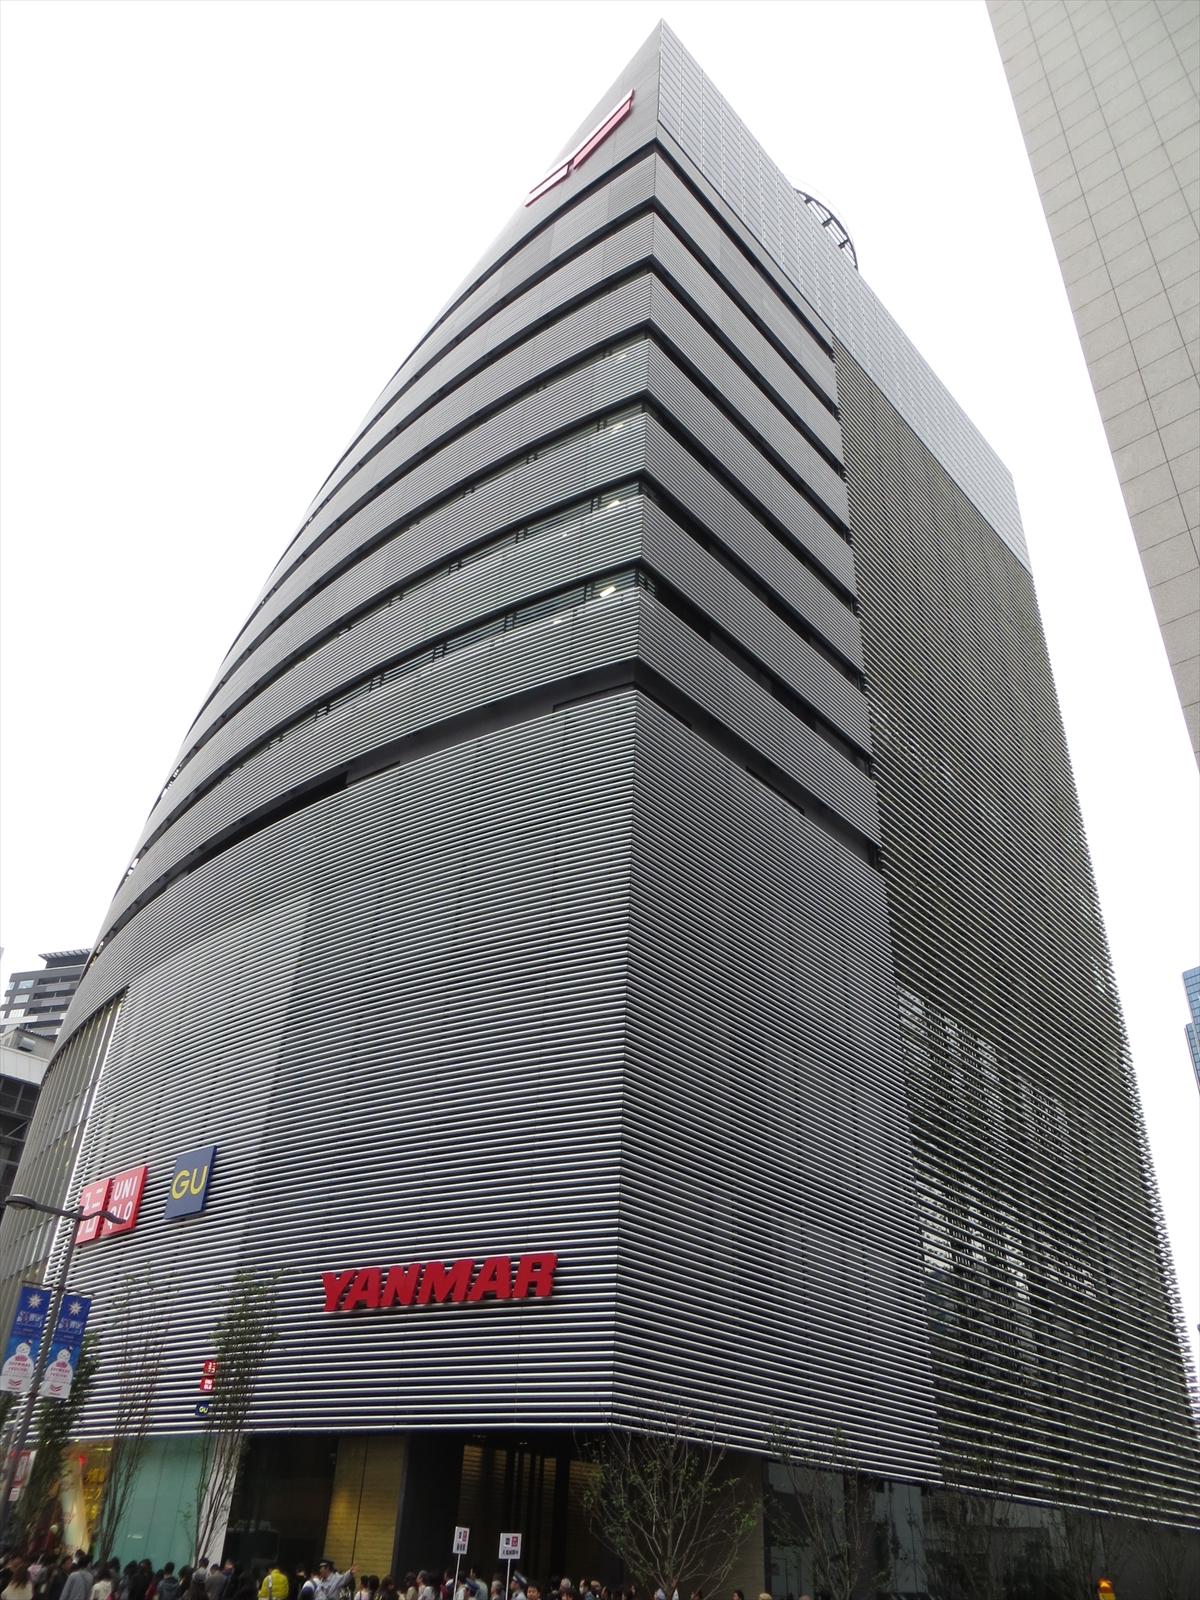 Yanmar Osaka Japan